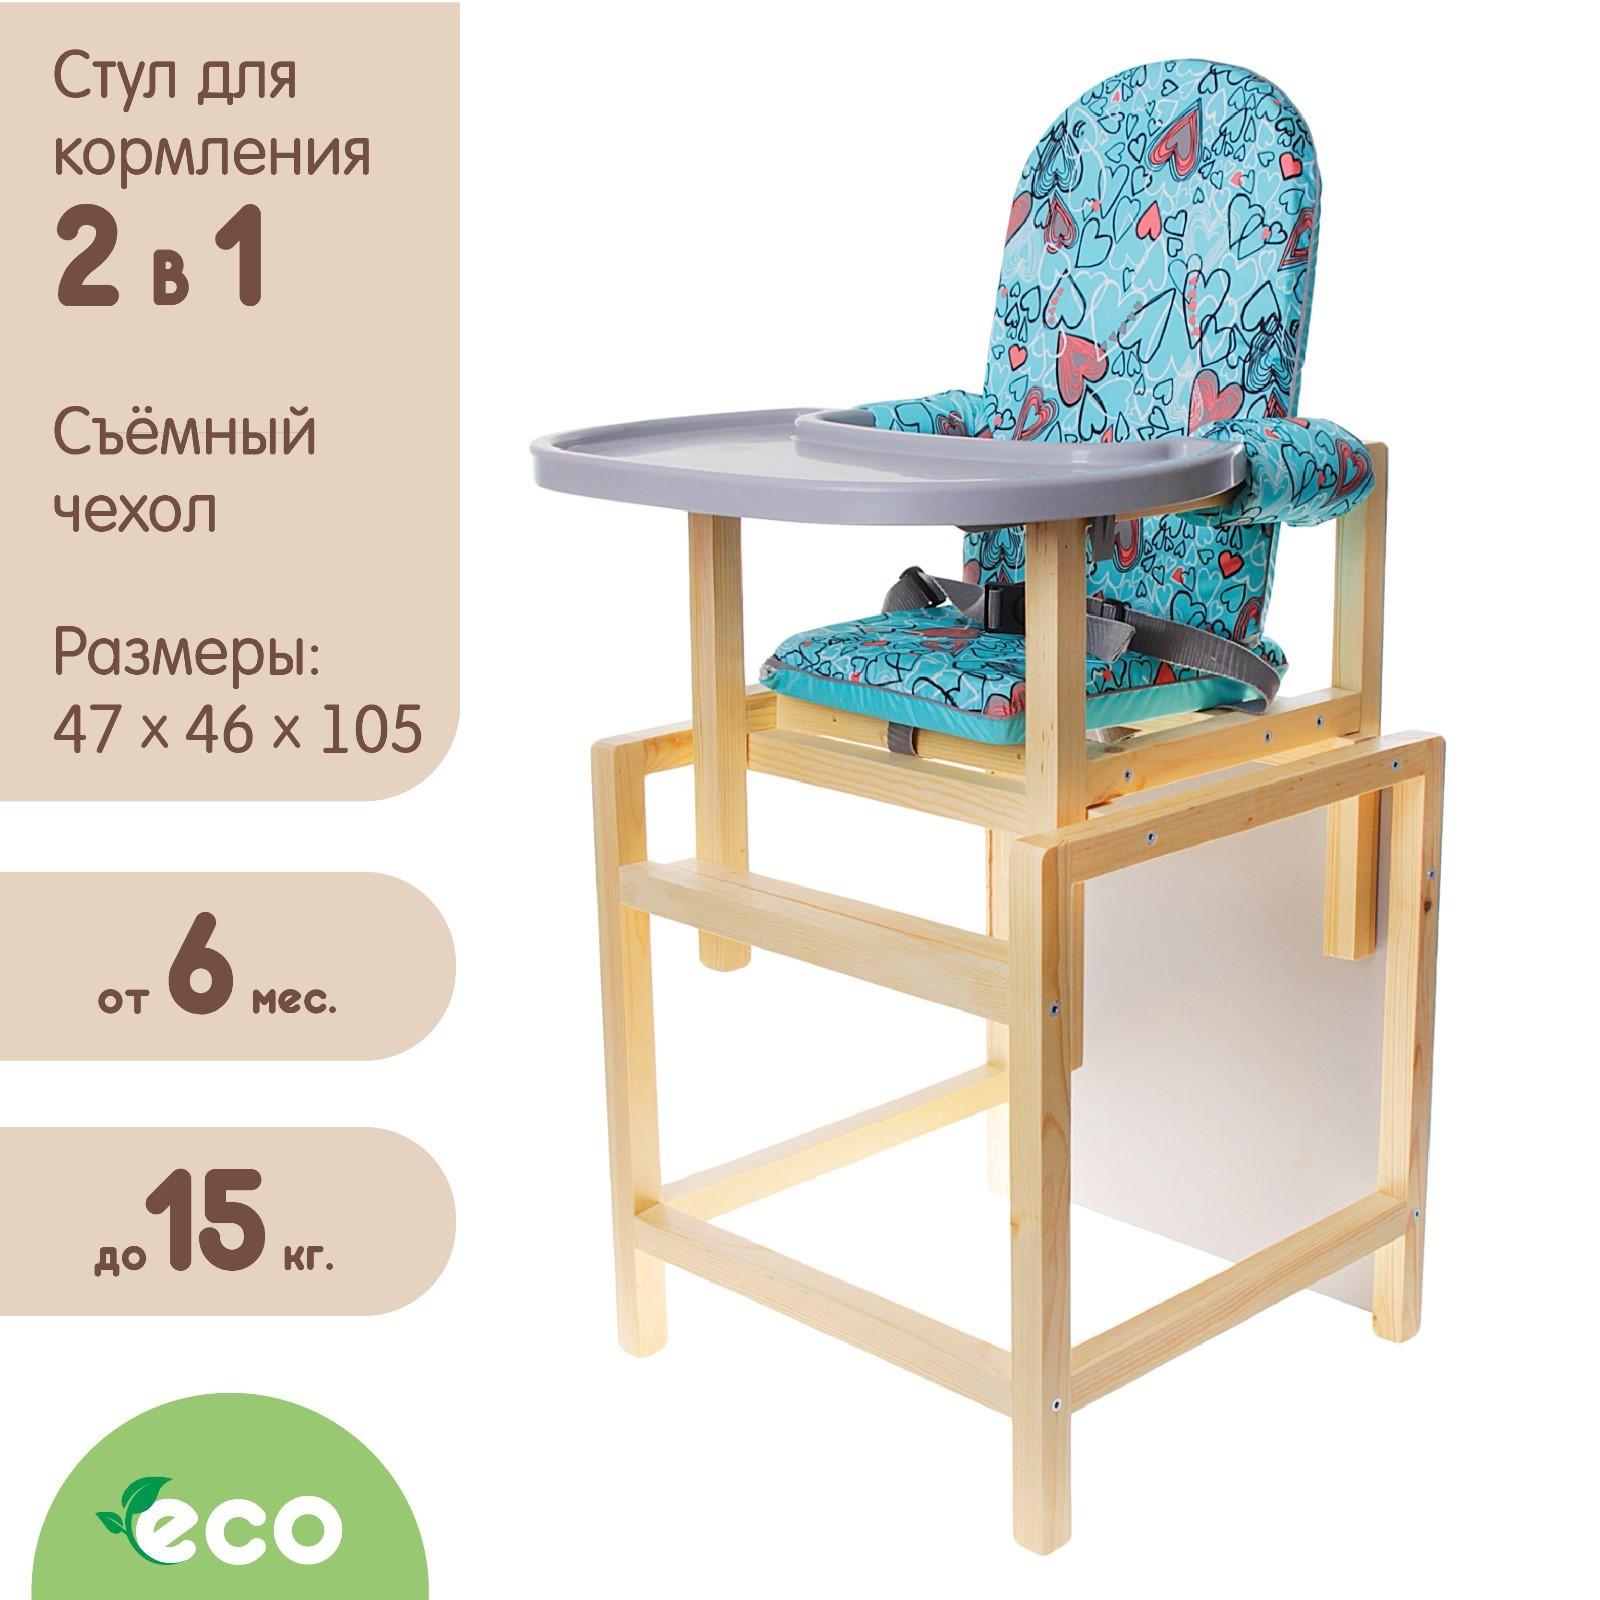 стульчик для кормления стд 07 трансформер цвет бирюзовый